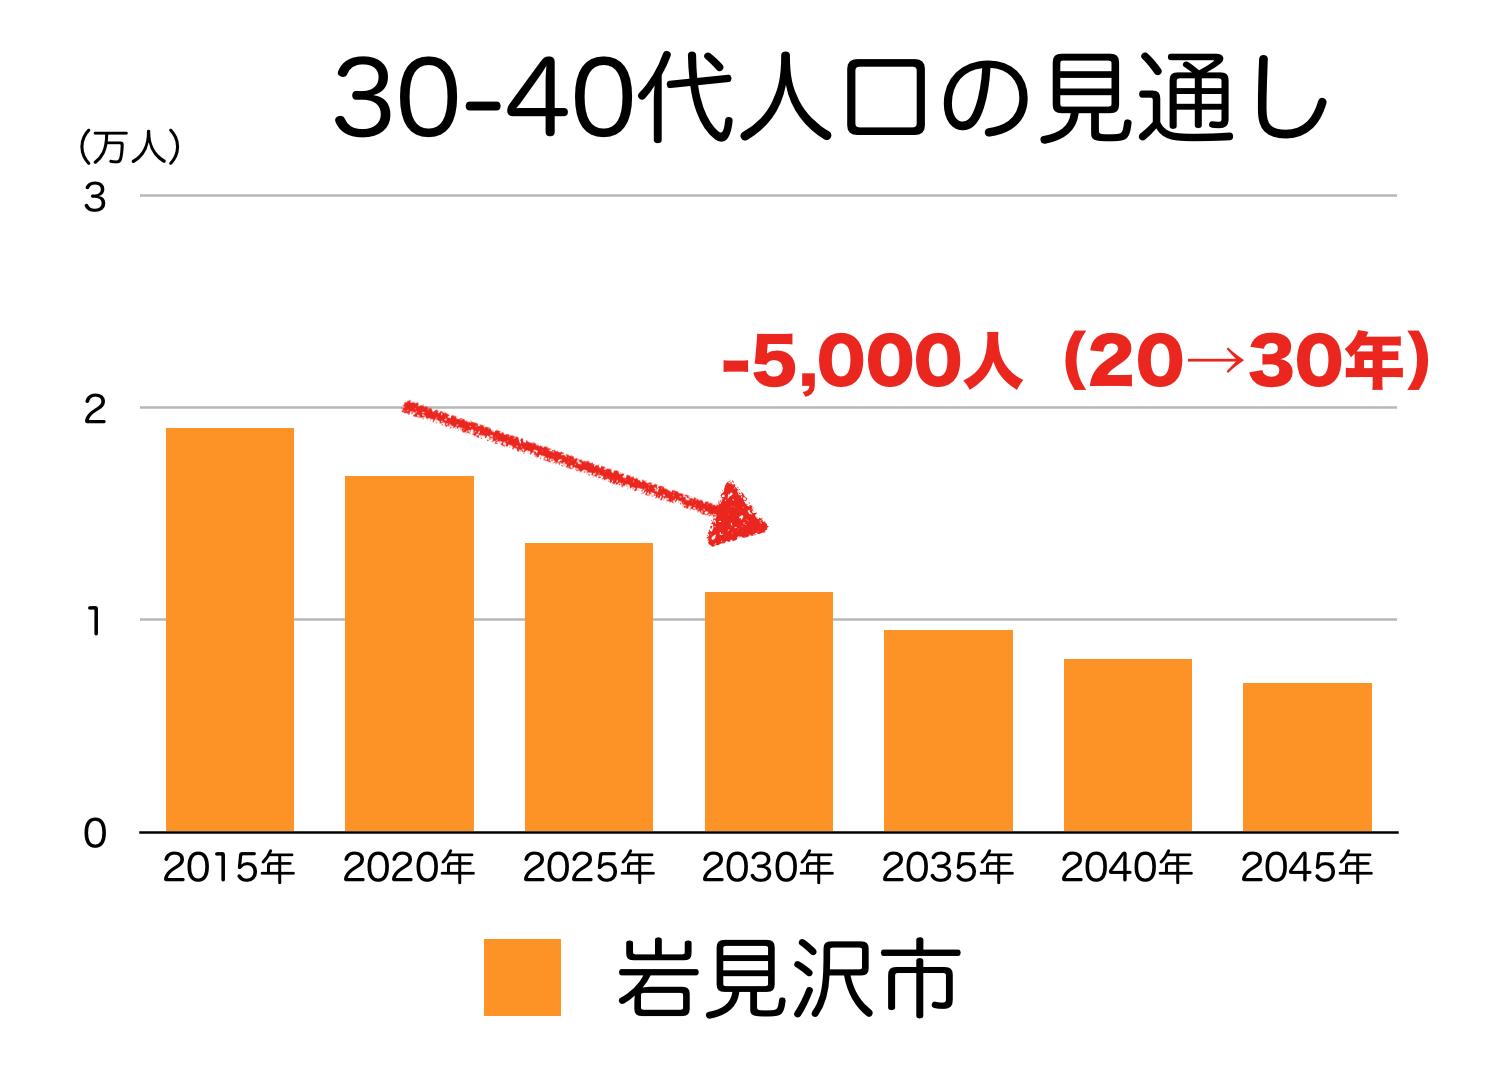 岩見沢市の30〜40代人口の予測